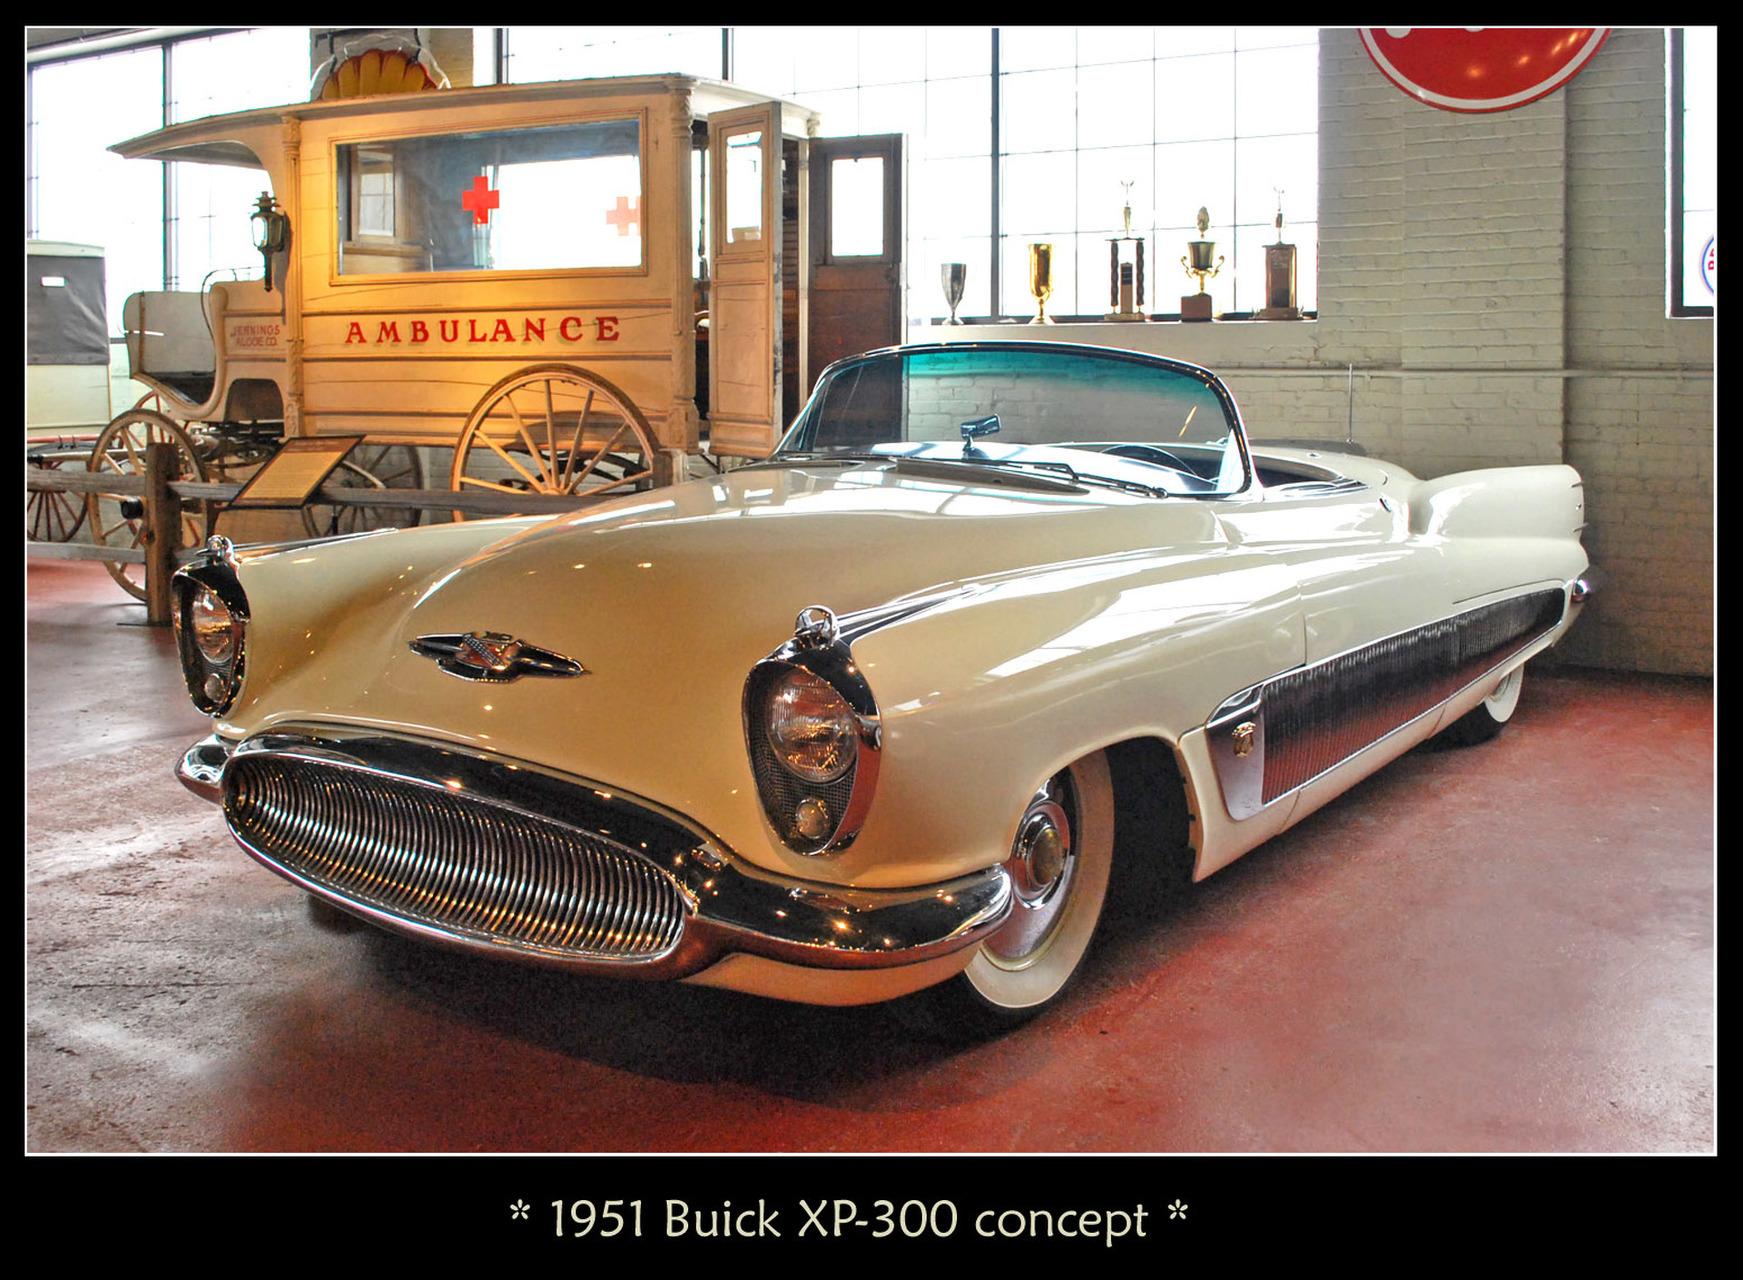 Bello, potente y de finas líneas, el Buick XP 300 bajo del cielo y del diseño de la aviación para ser un icono de la marca y conquistar su época.